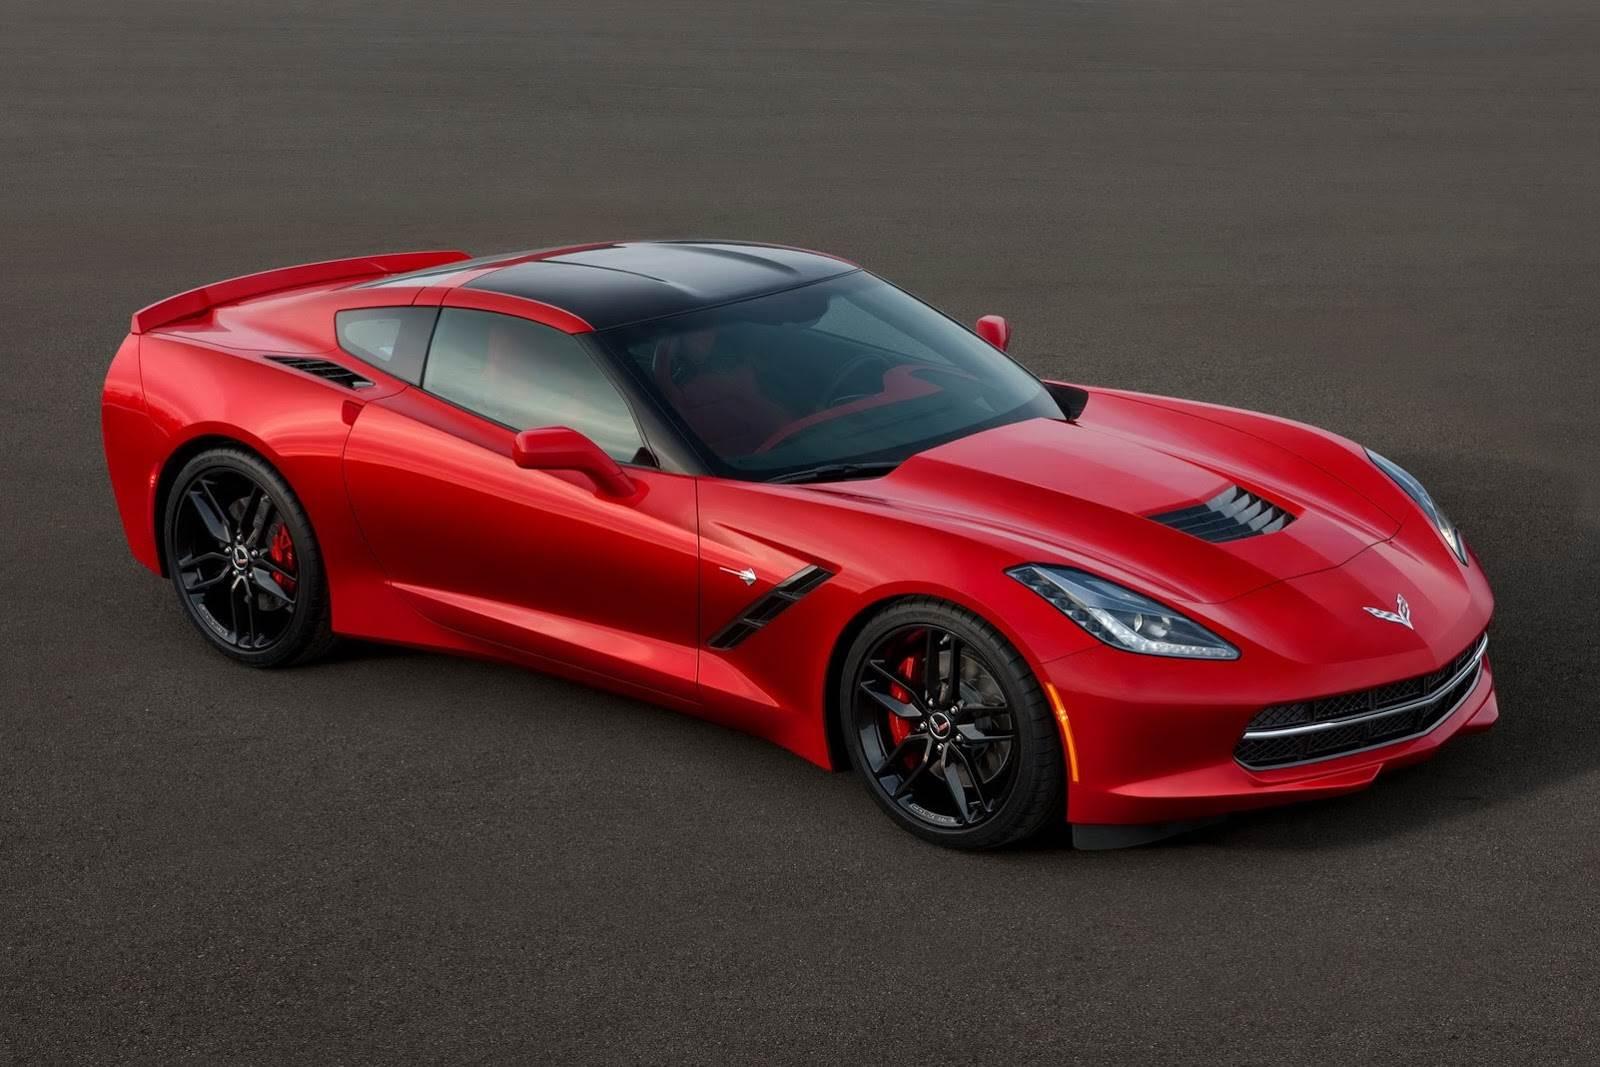 New 2014 Chevrolet Corvette Stingray revealed